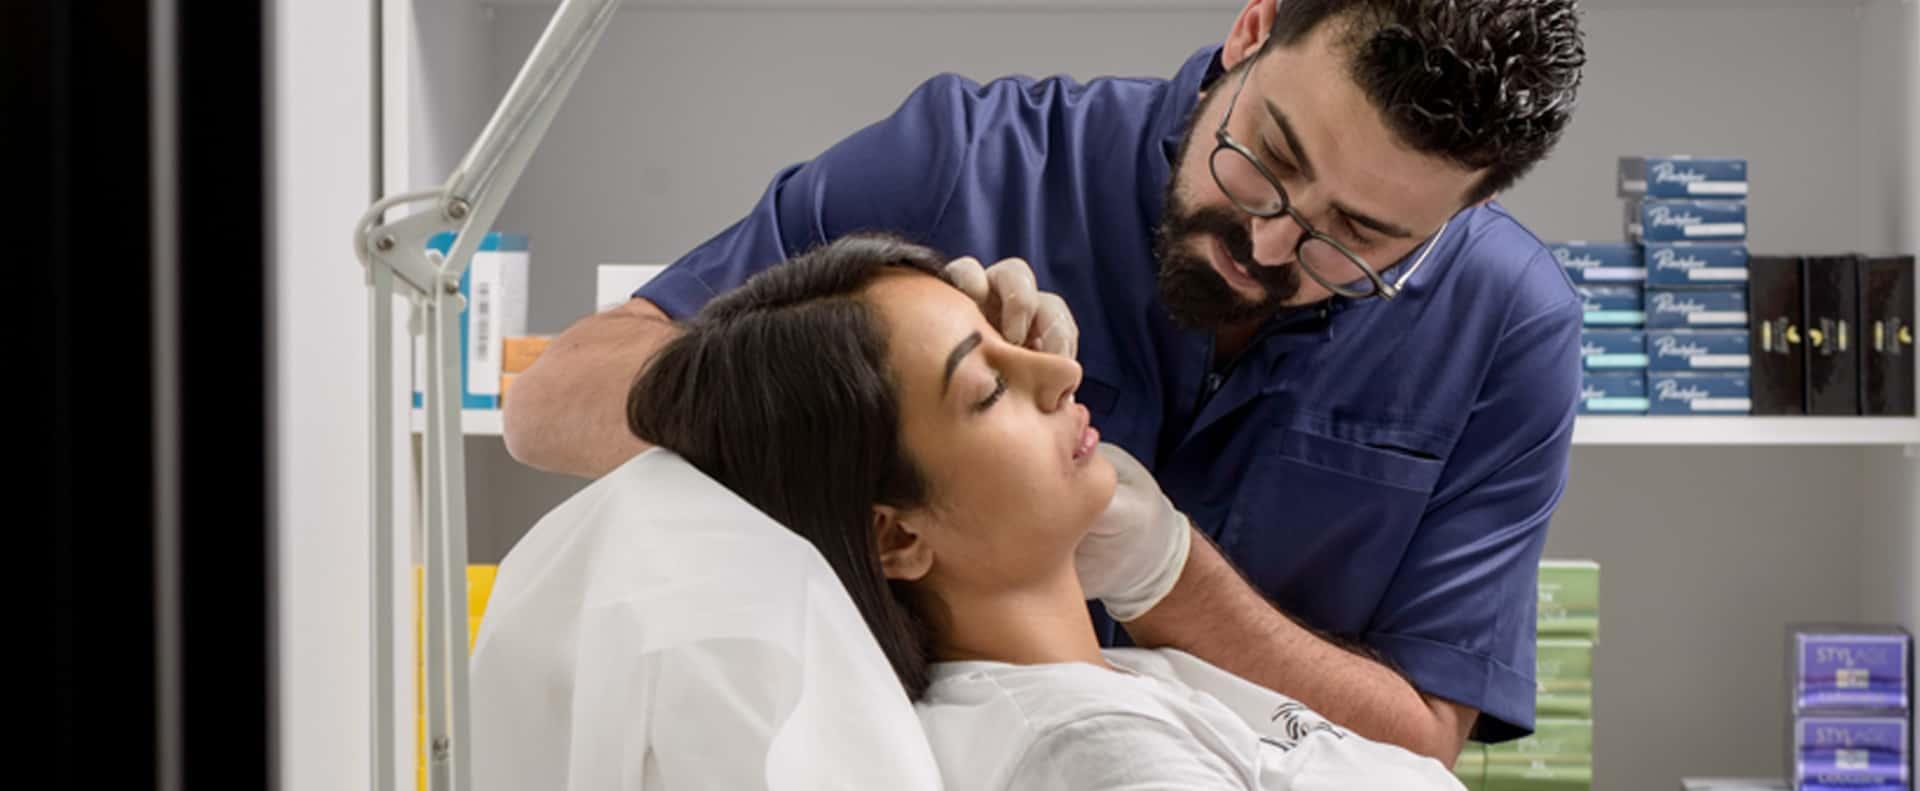 ד״ר מקסים סקסונוב בעת מתן טיפול סקין בוסטר. צילום: יח״צ-1